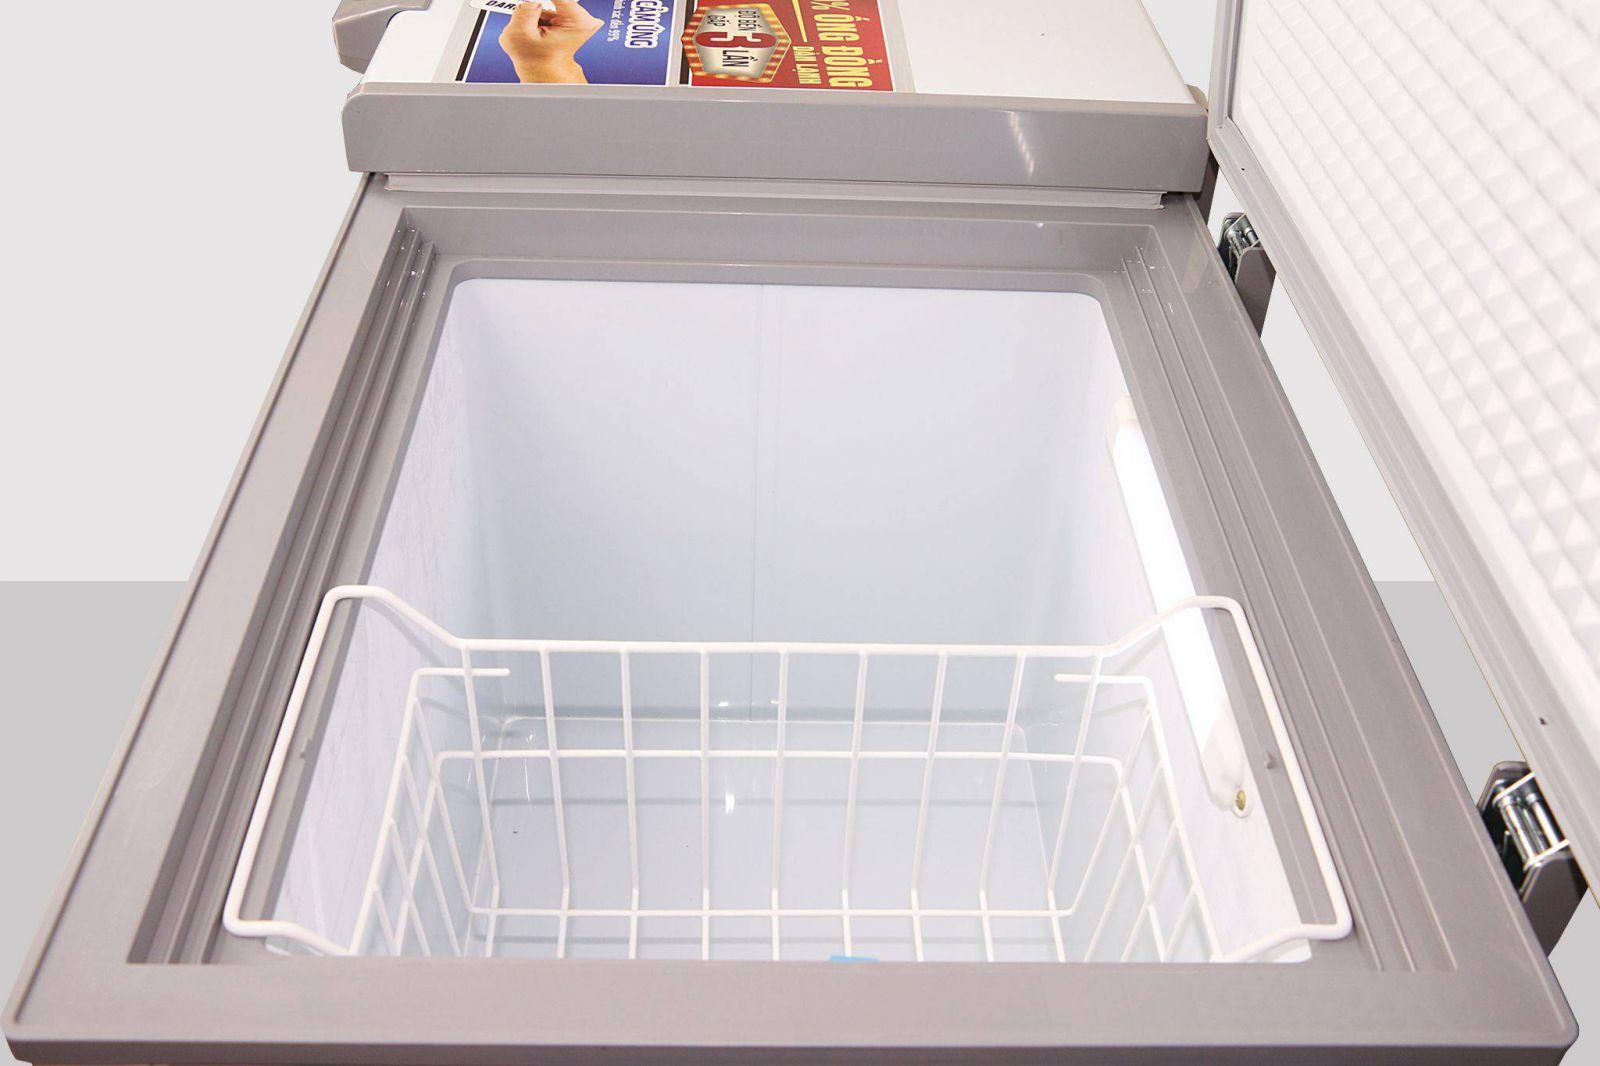 Tháo gỡ và làm sạch các khay kệ trong tủ